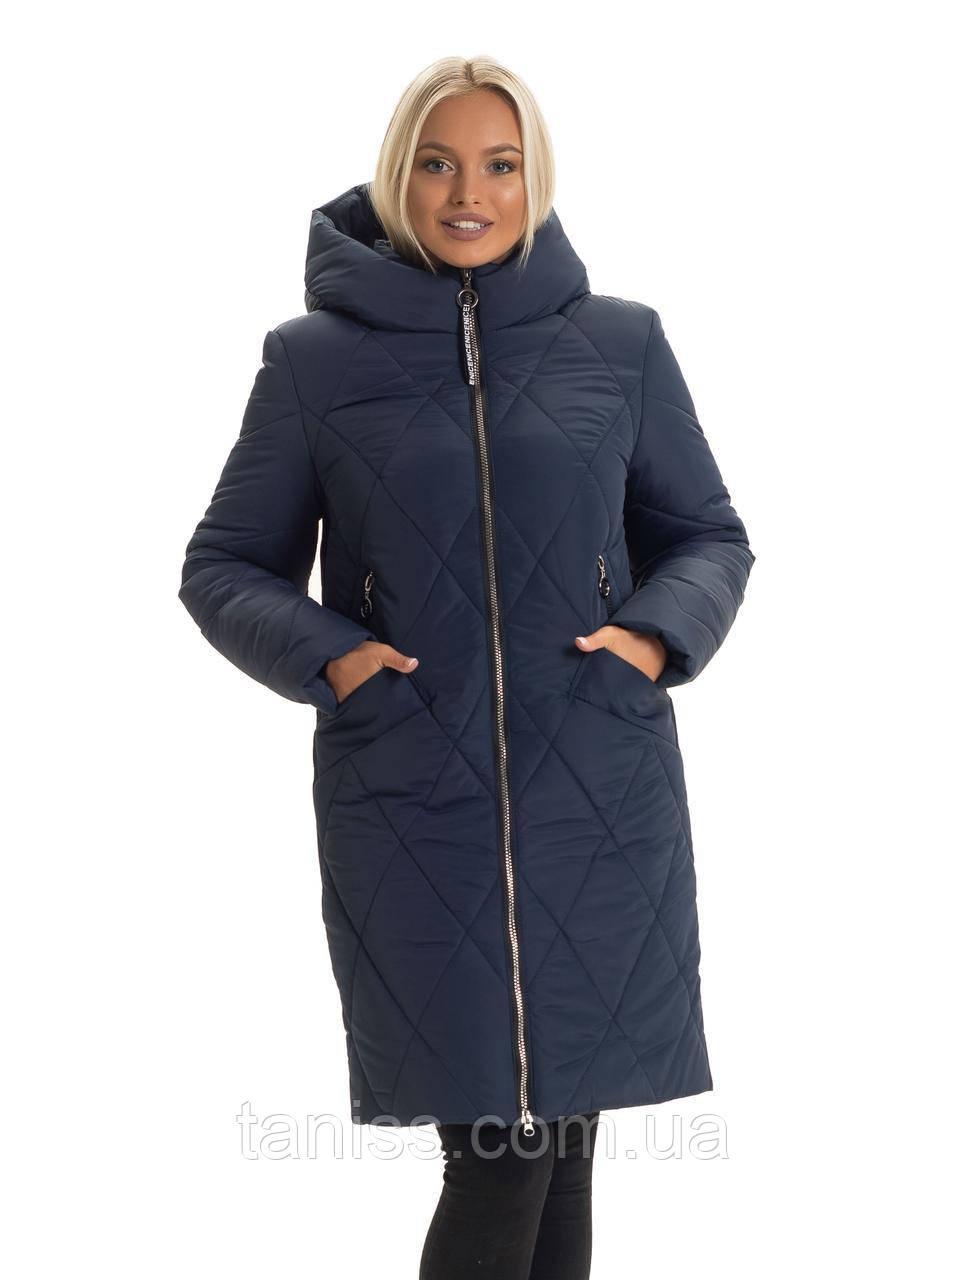 Зимний, женский пуховик большого размера,без меха. капюшон вшитый.размеры 44,46,48,50 синий(136-1)